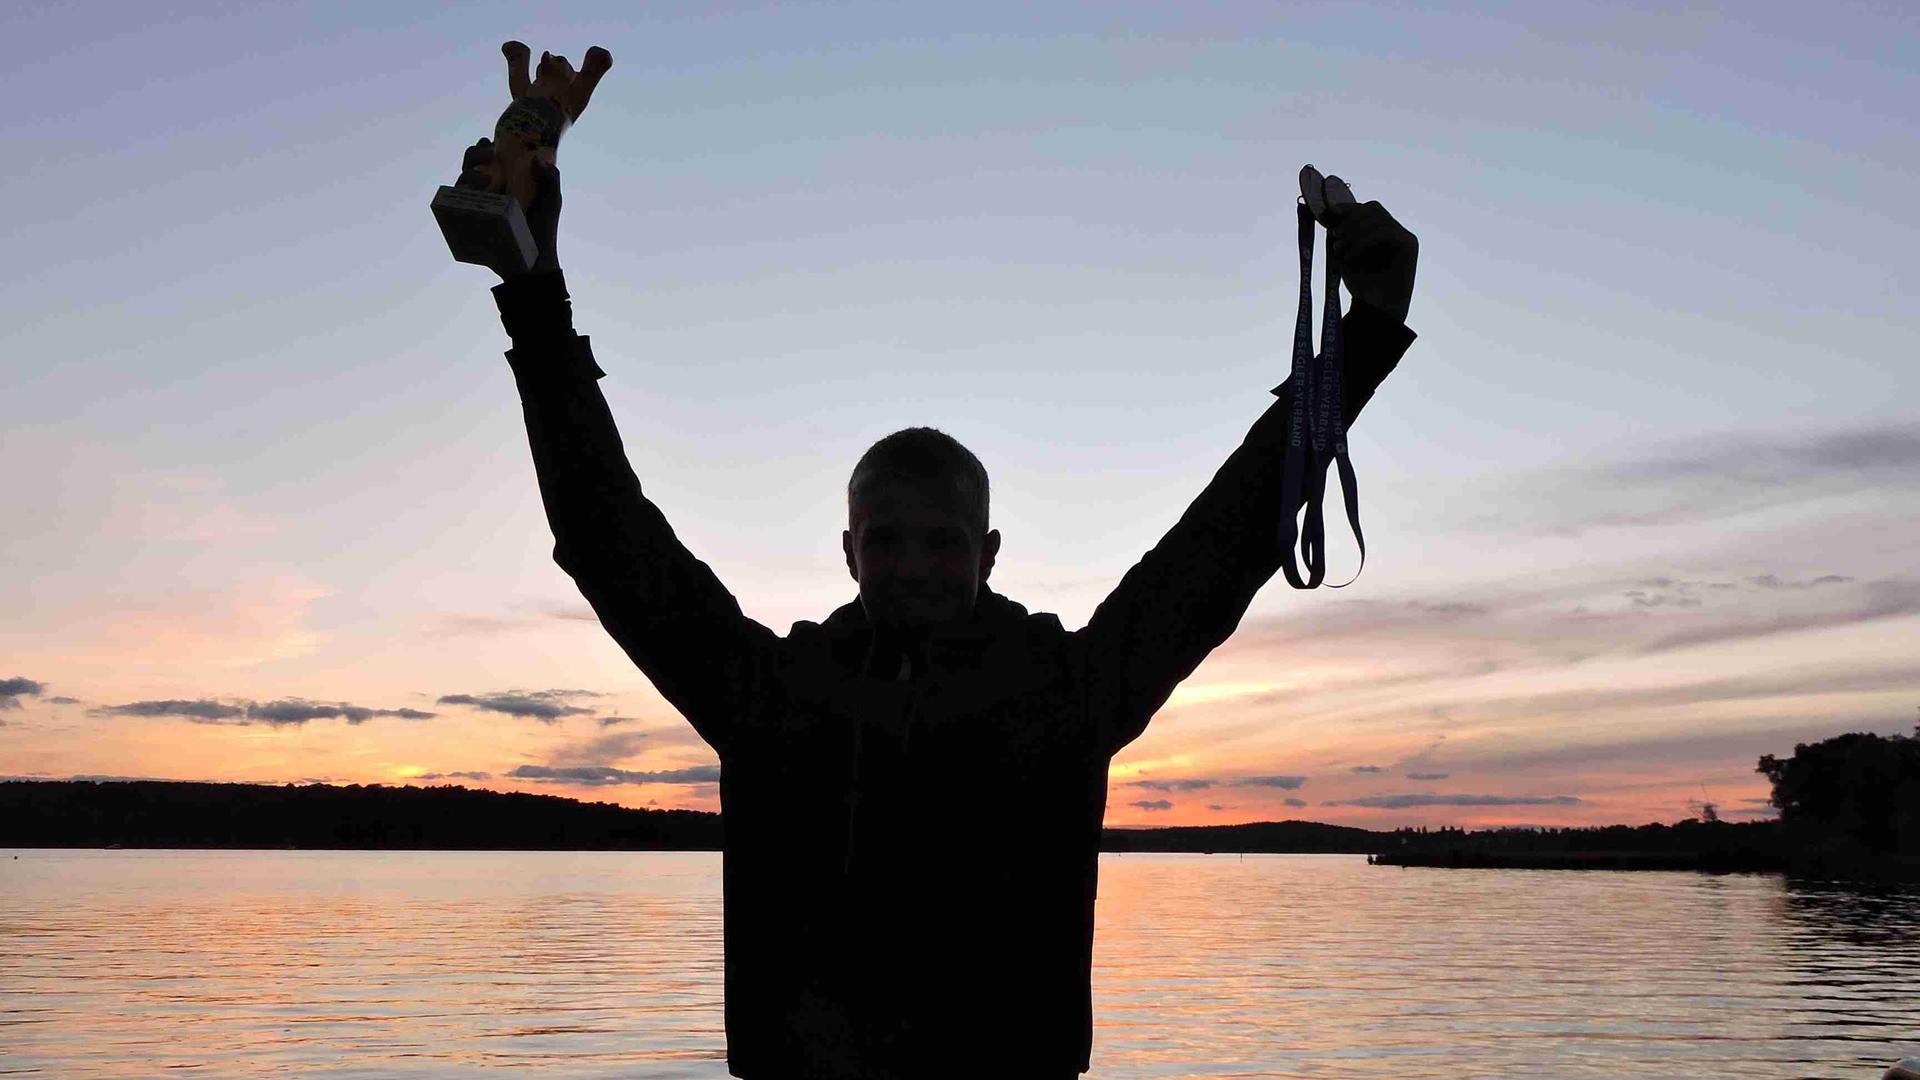 Riko Rockenbauch reckt seine Goldmedaille und ein Modell des Berliner Bären in die Höhe. Im Hintergrund geht die Sonne unter.